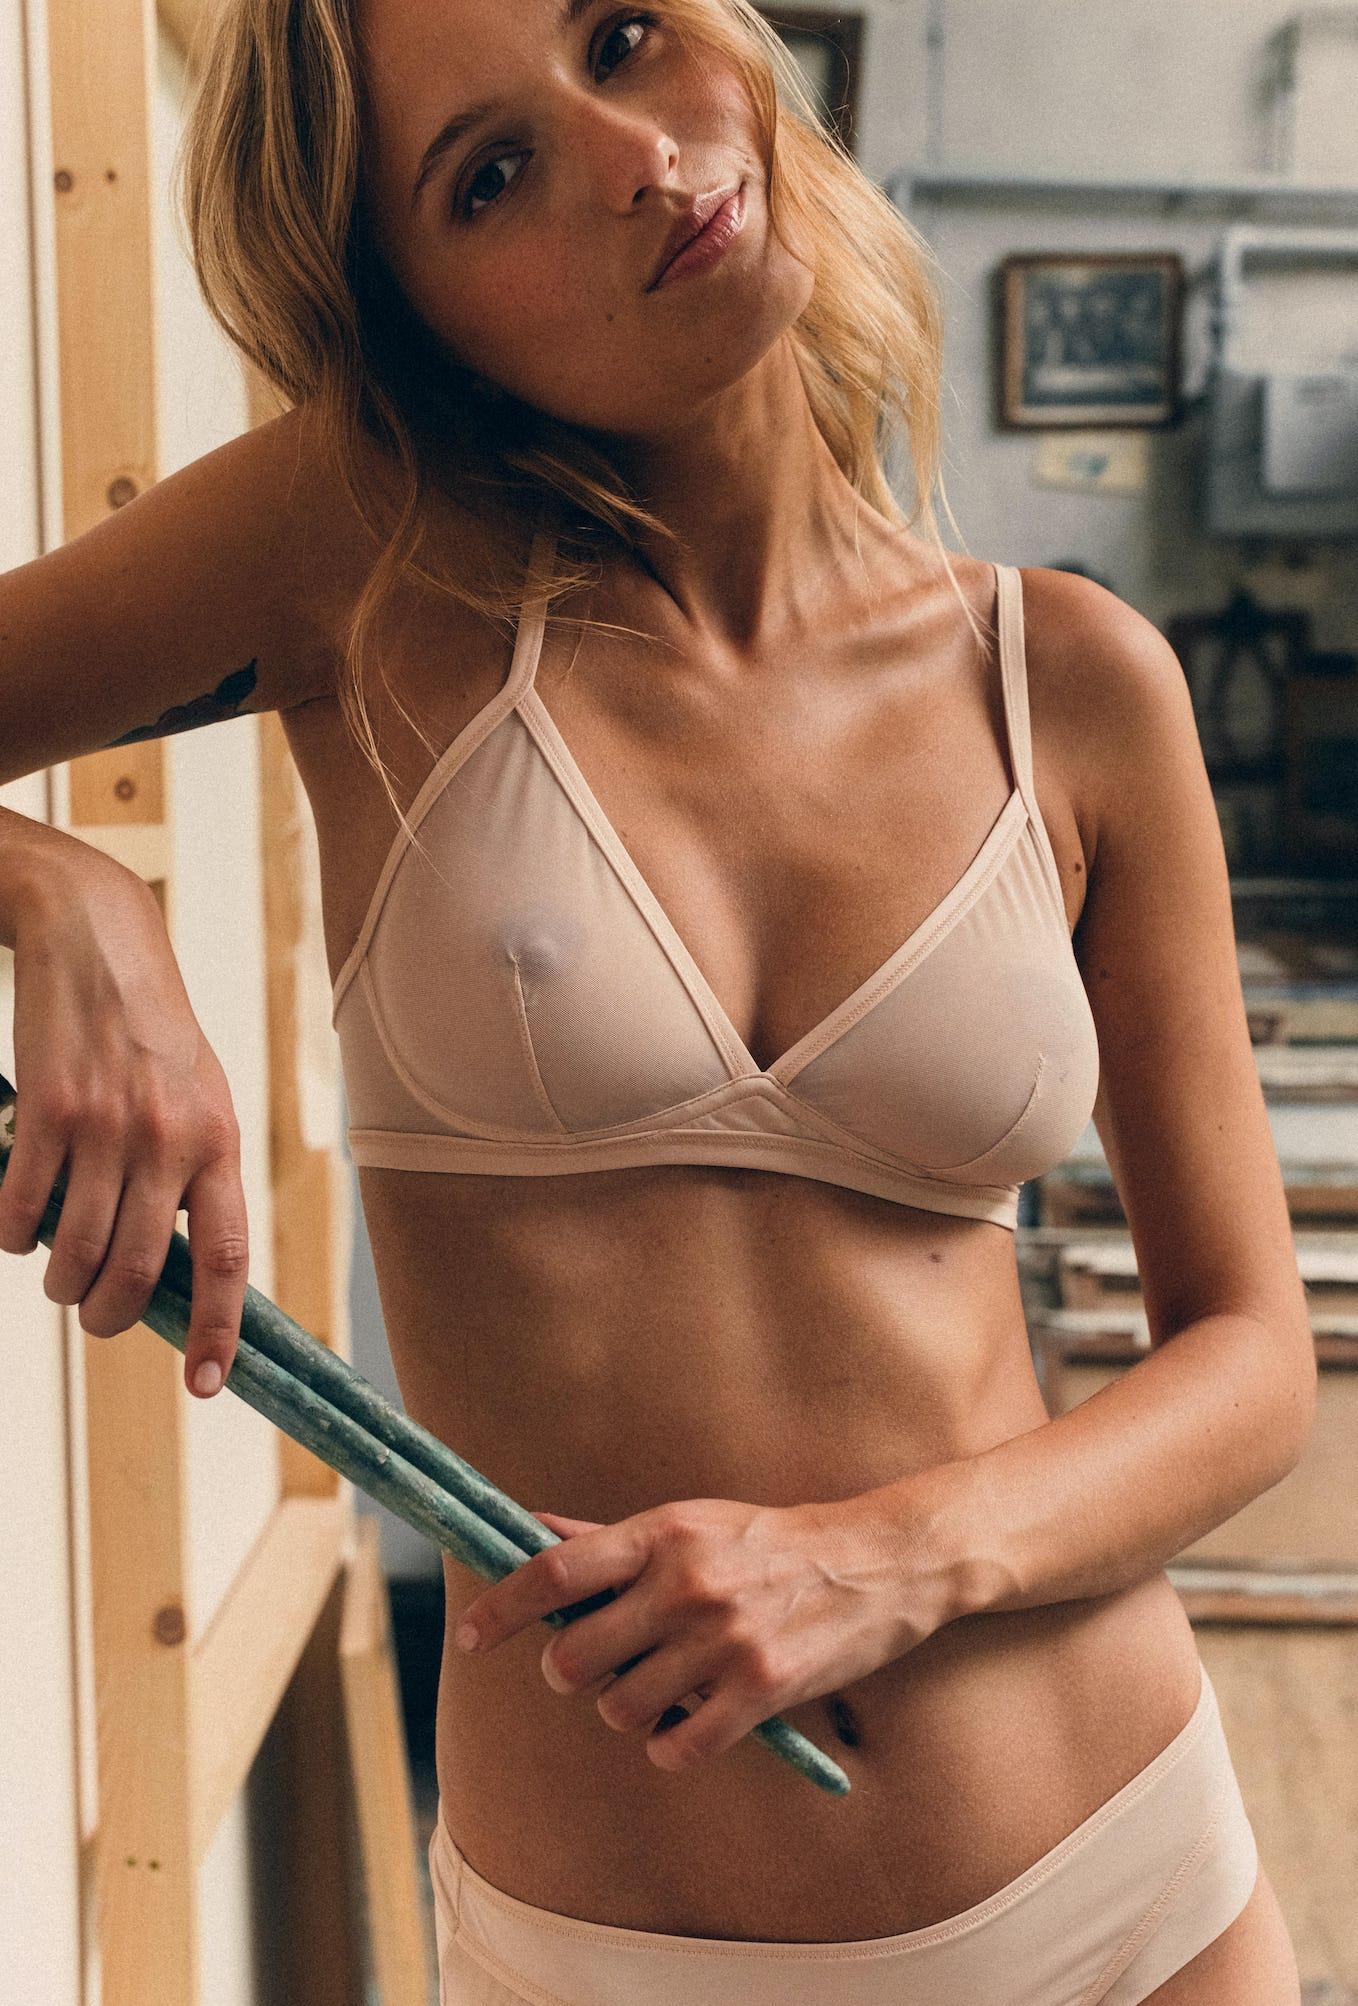 Triangle bra Histoire de femmes powdery pink